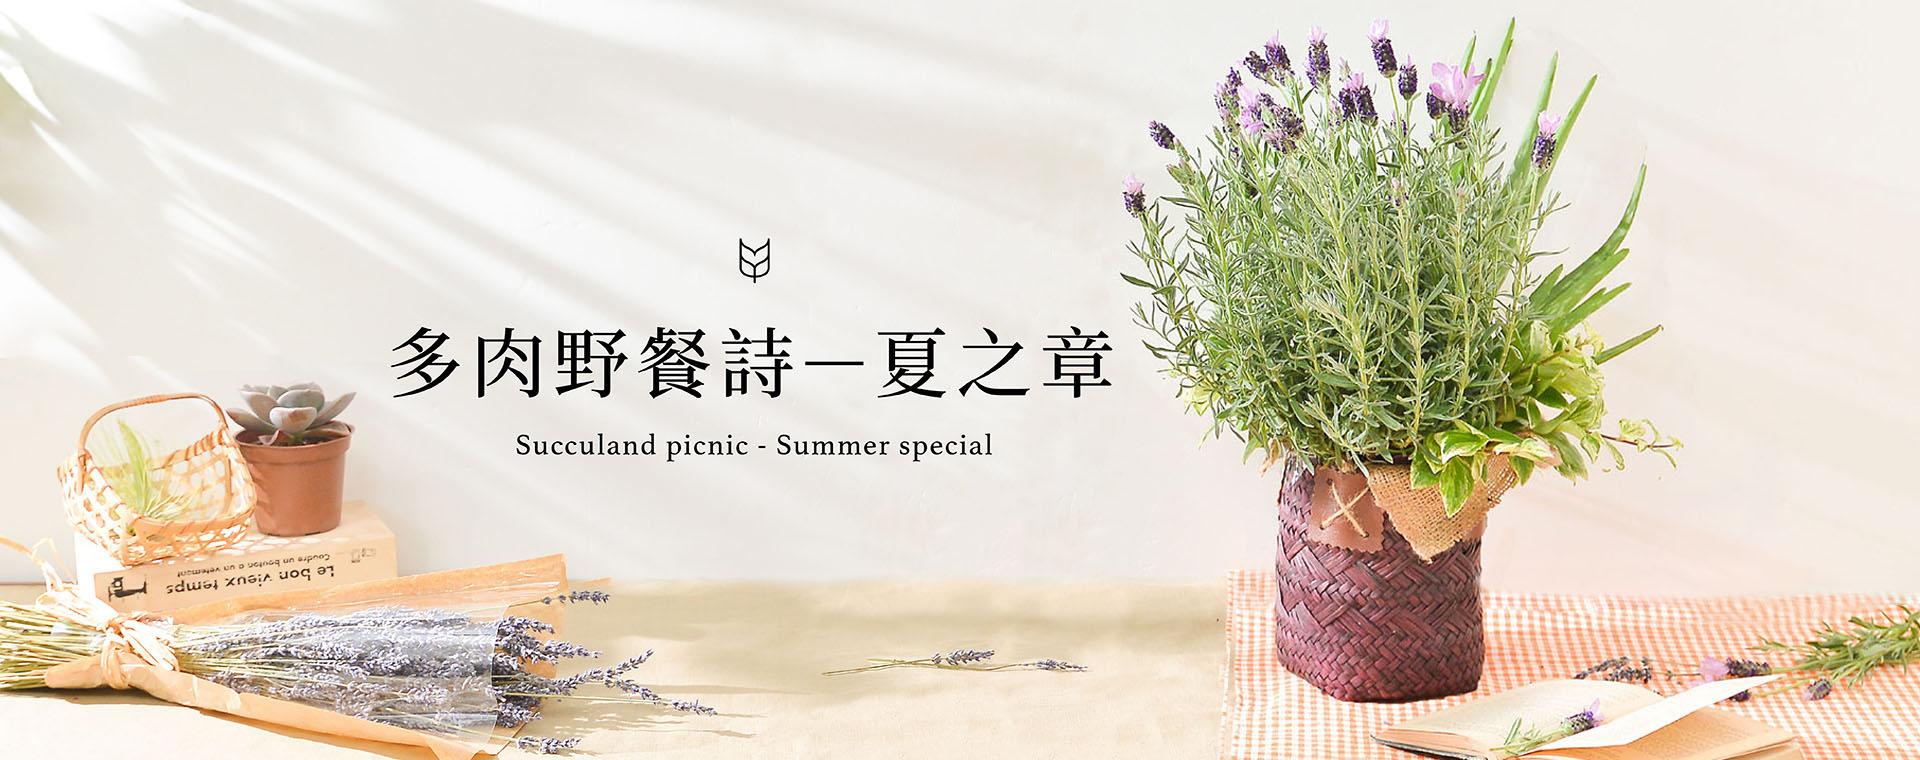 花藝課程-多肉野餐詩 長型宣傳照